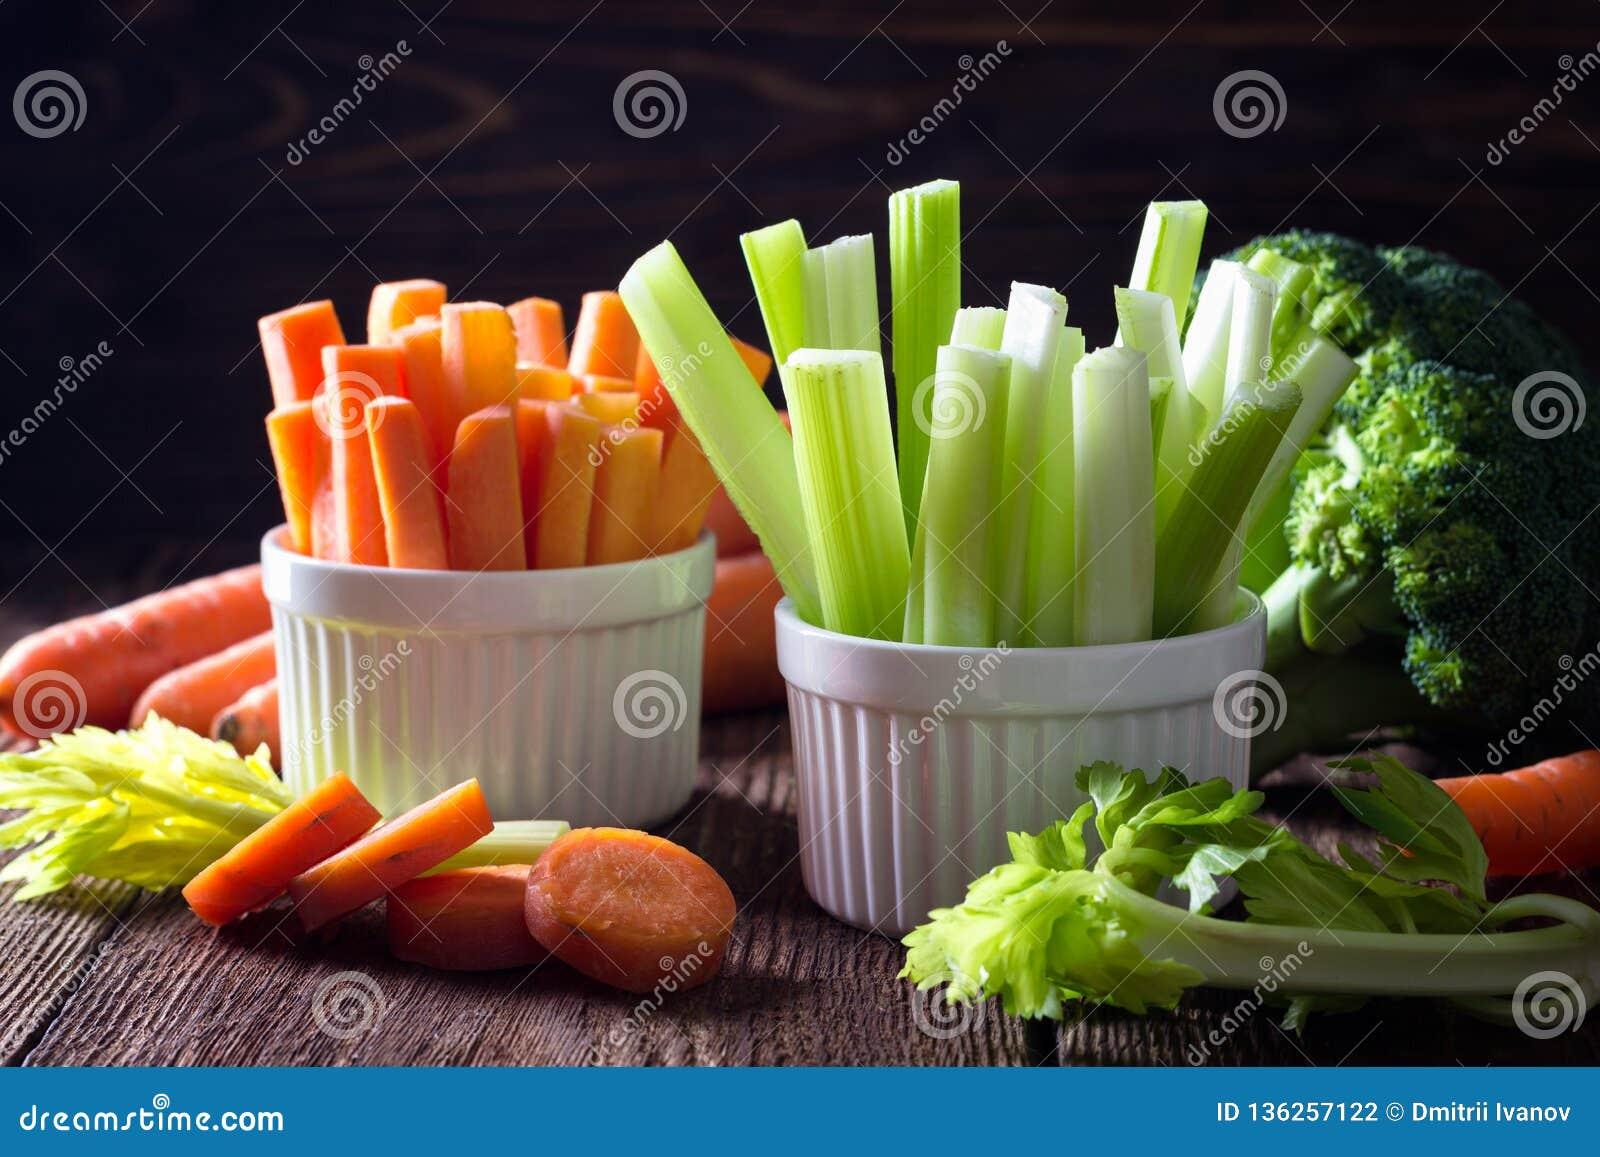 Здоровая еда - сельдерей и морковь